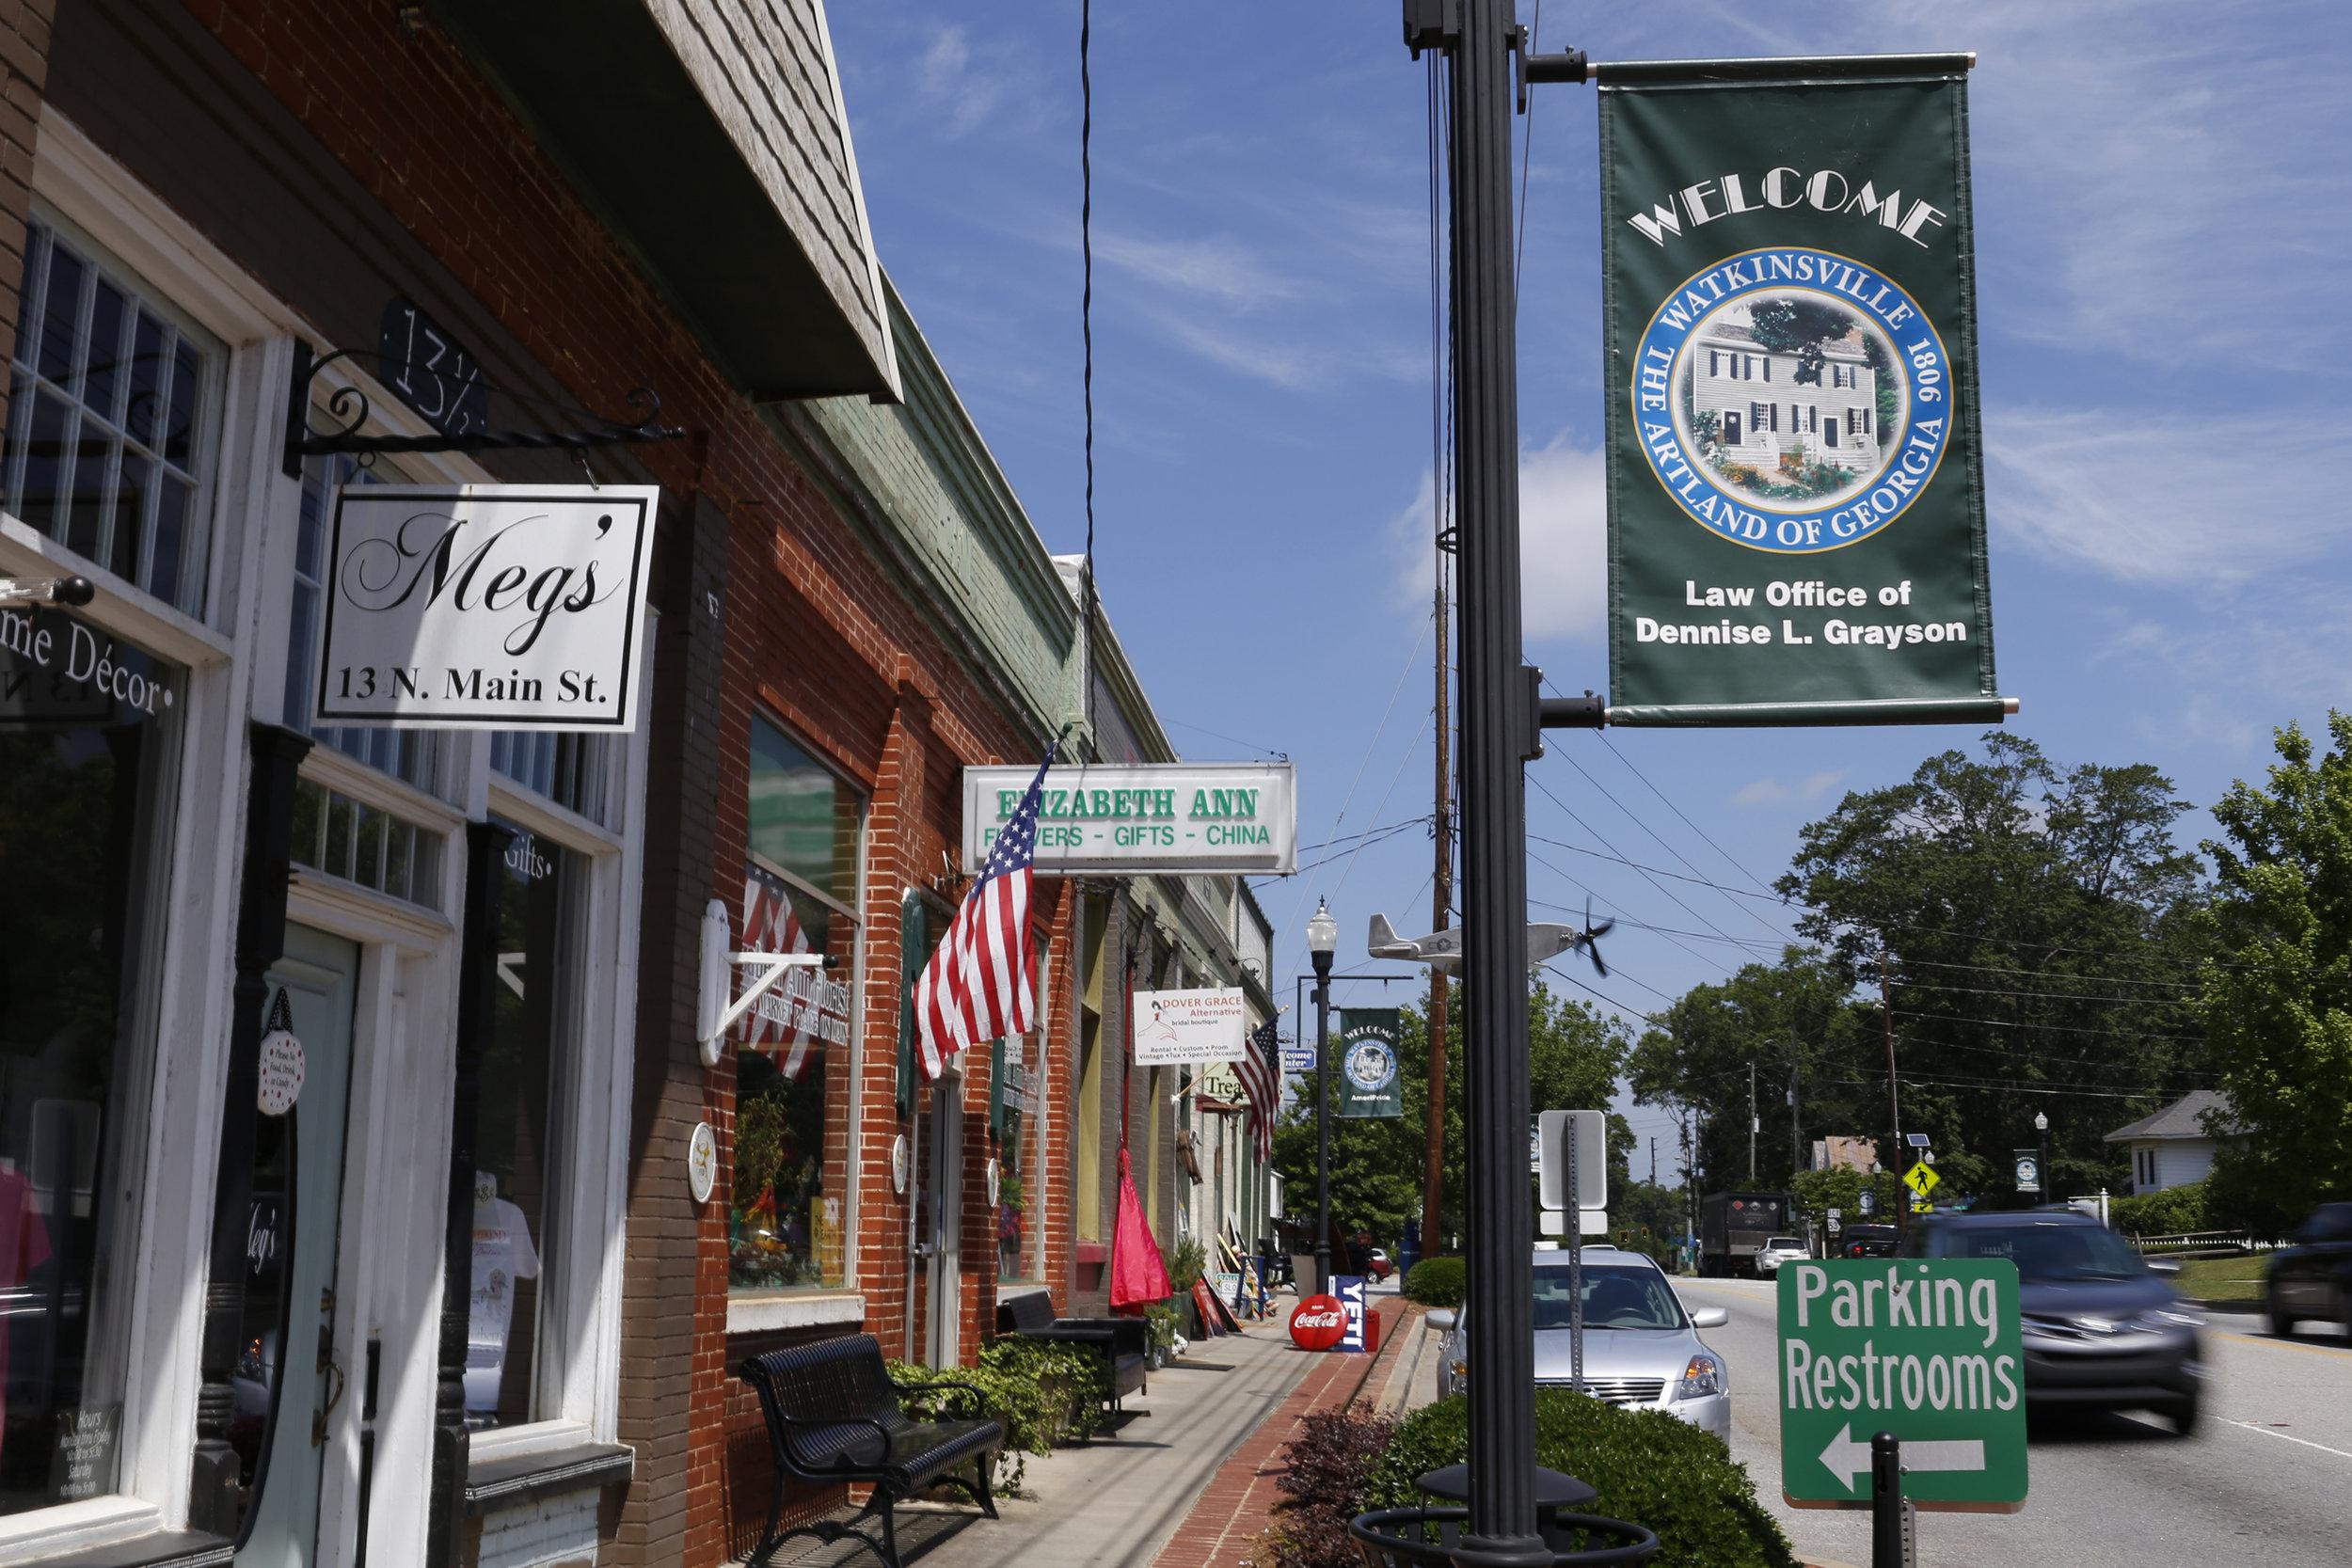 watkinsville-downtown-oconee-springs-living-oconee-county-georgia-homes-for-sale-georgia-club-schools-family-lifestyle.jpg